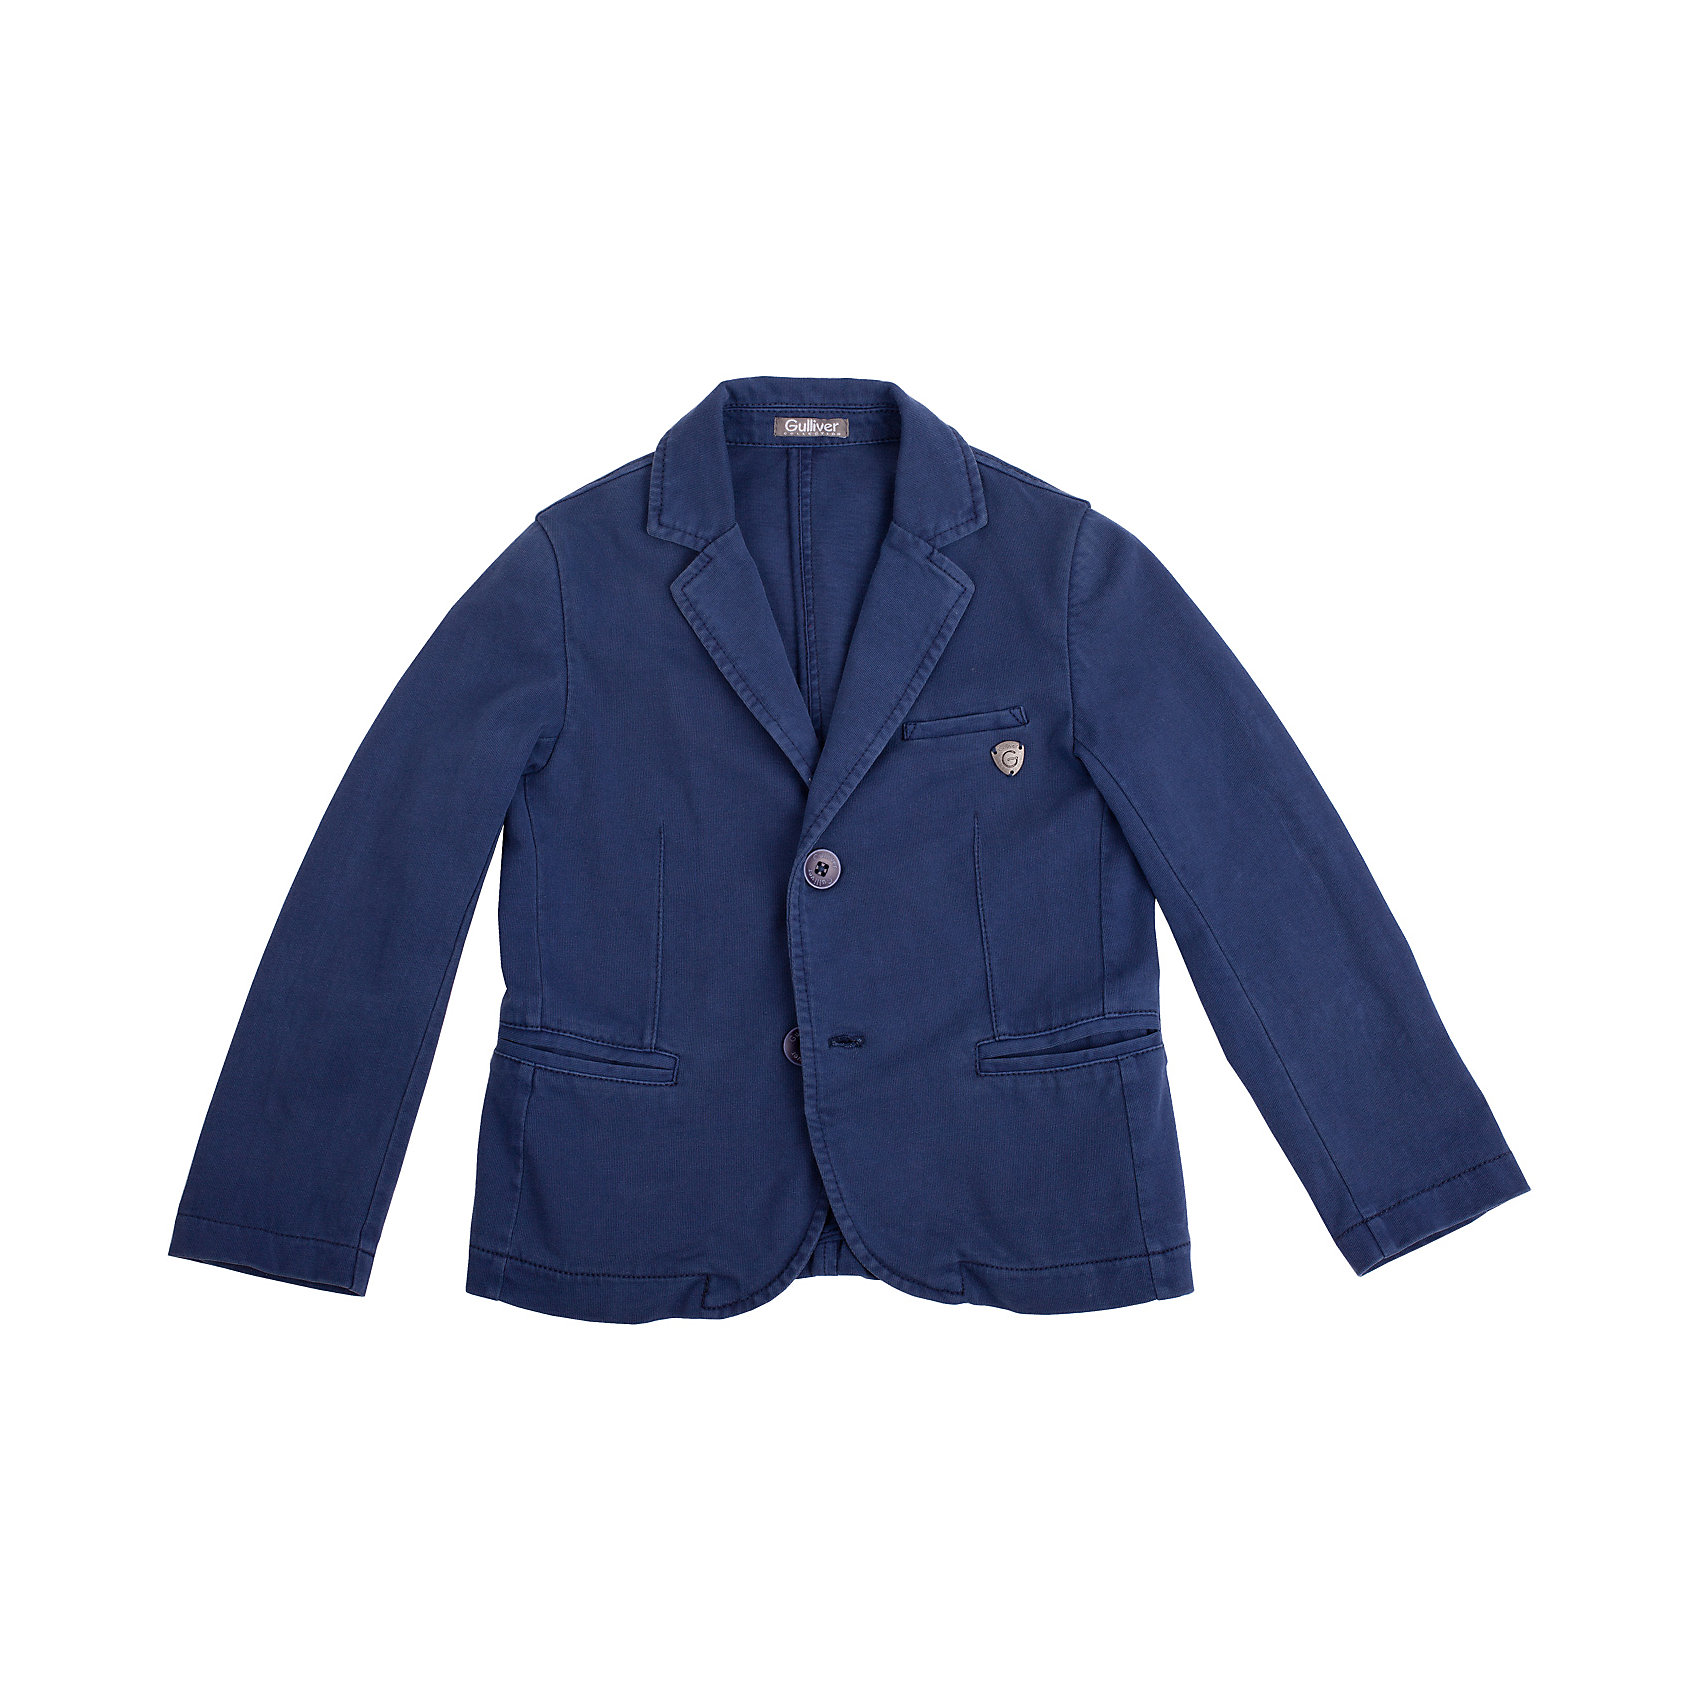 Пиджак для мальчика GulliverКостюмы и пиджаки<br>Вы хотите купить брендовый пиджак для мальчика, который сделает летний образ ребенка элегантным? Предпочитаете приобрести модный пиджак, в котором ему будет так же комфортно, как в любимой толстовке? Тогда синий трикотажный пиджак, выполненный из 100% хлопка - то, что вам нужно! Трикотажный пиджак - хит сезона Весна/Лето 2016! А также, идеальная вещь для создания нарядного образа без лишнего пафоса. Стильный синий пиджак имеет легкий эффект неравномерного крашения, придающий ему модную элегантную небрежность.<br>Состав:<br>100% хлопок<br><br>Ширина мм: 356<br>Глубина мм: 10<br>Высота мм: 245<br>Вес г: 519<br>Цвет: синий<br>Возраст от месяцев: 24<br>Возраст до месяцев: 36<br>Пол: Мужской<br>Возраст: Детский<br>Размер: 98,122,116,110,104<br>SKU: 4534764